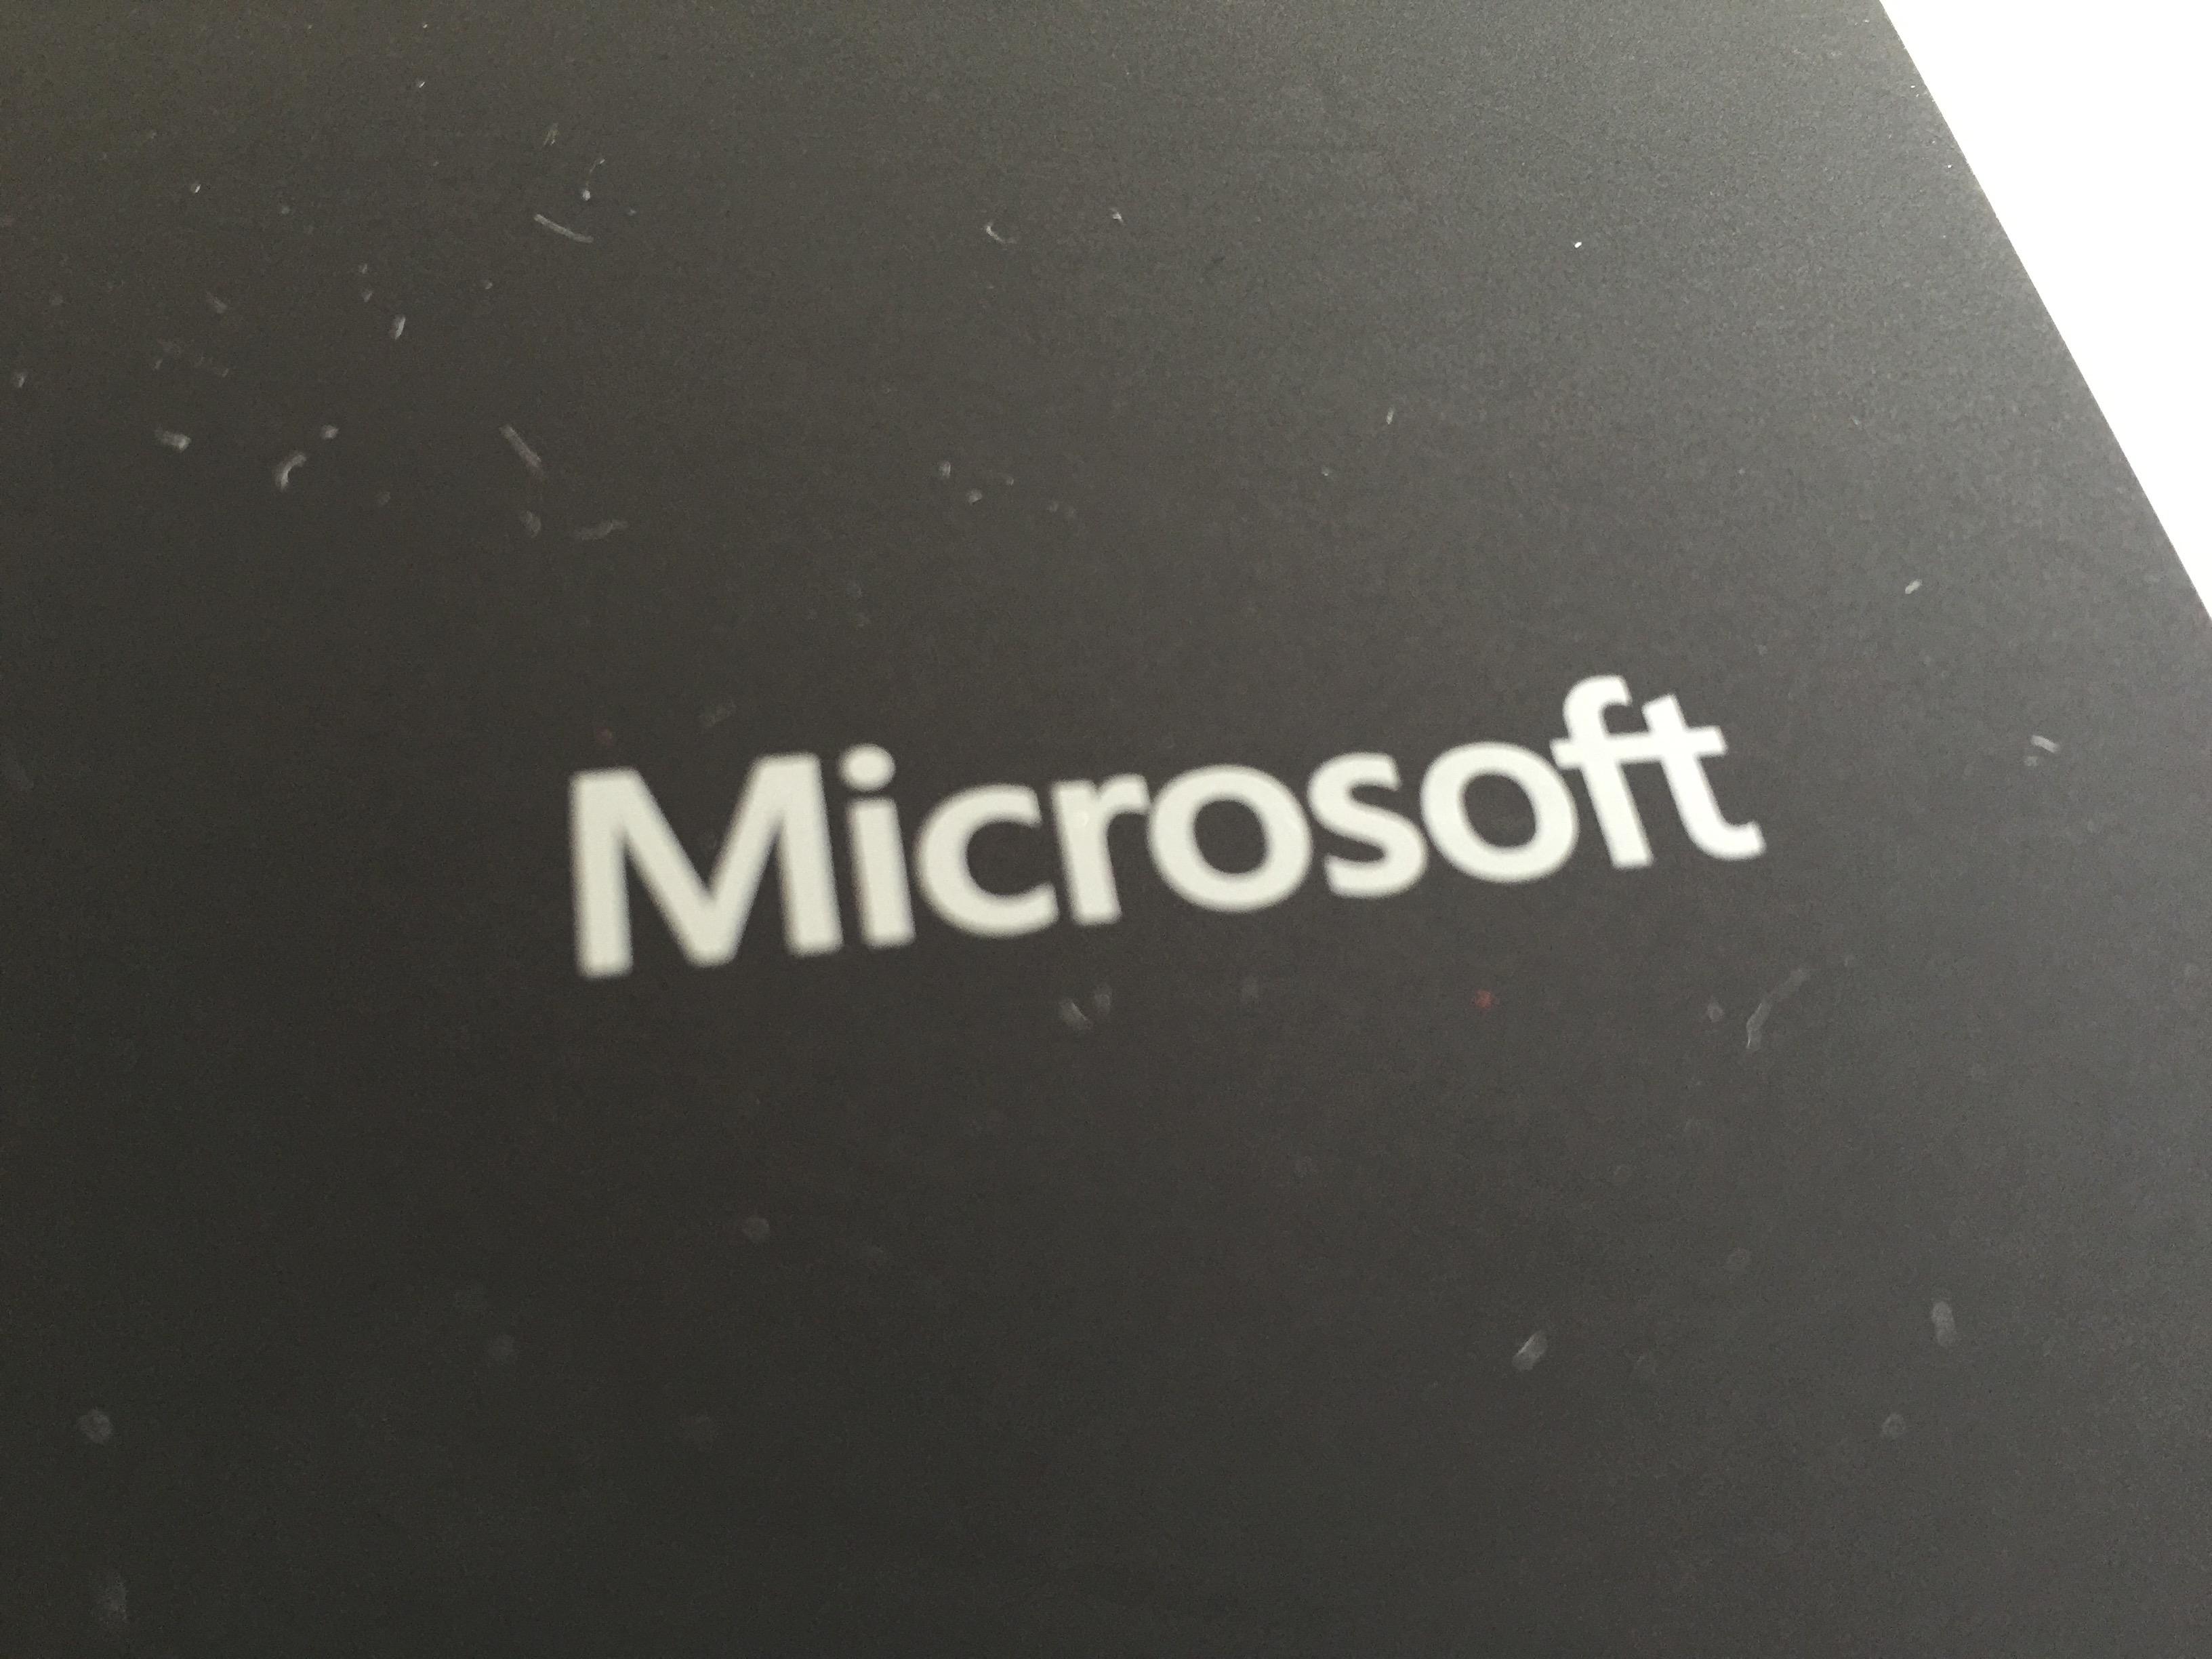 iPadでもなんでもござれなMicrosoft純正Bluetoothキーボード、Universal Mobile Keyboard を購入しました【開封編】